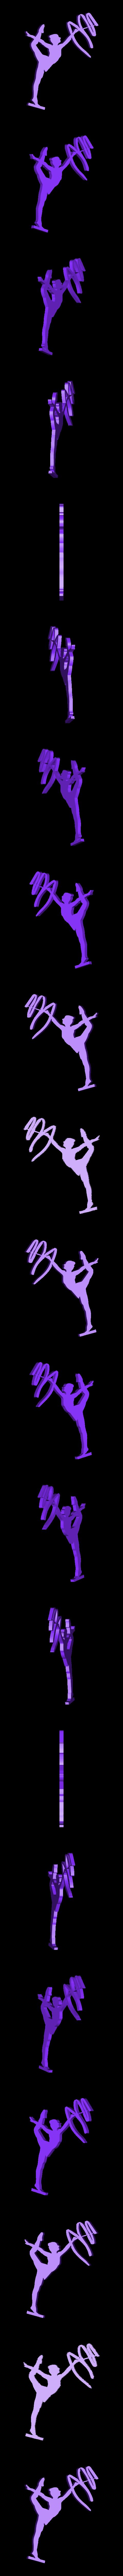 girlwithribbon.stl Télécharger fichier STL gratuit rhythmic gymnastics silhouette • Modèle pour impression 3D, cyrus